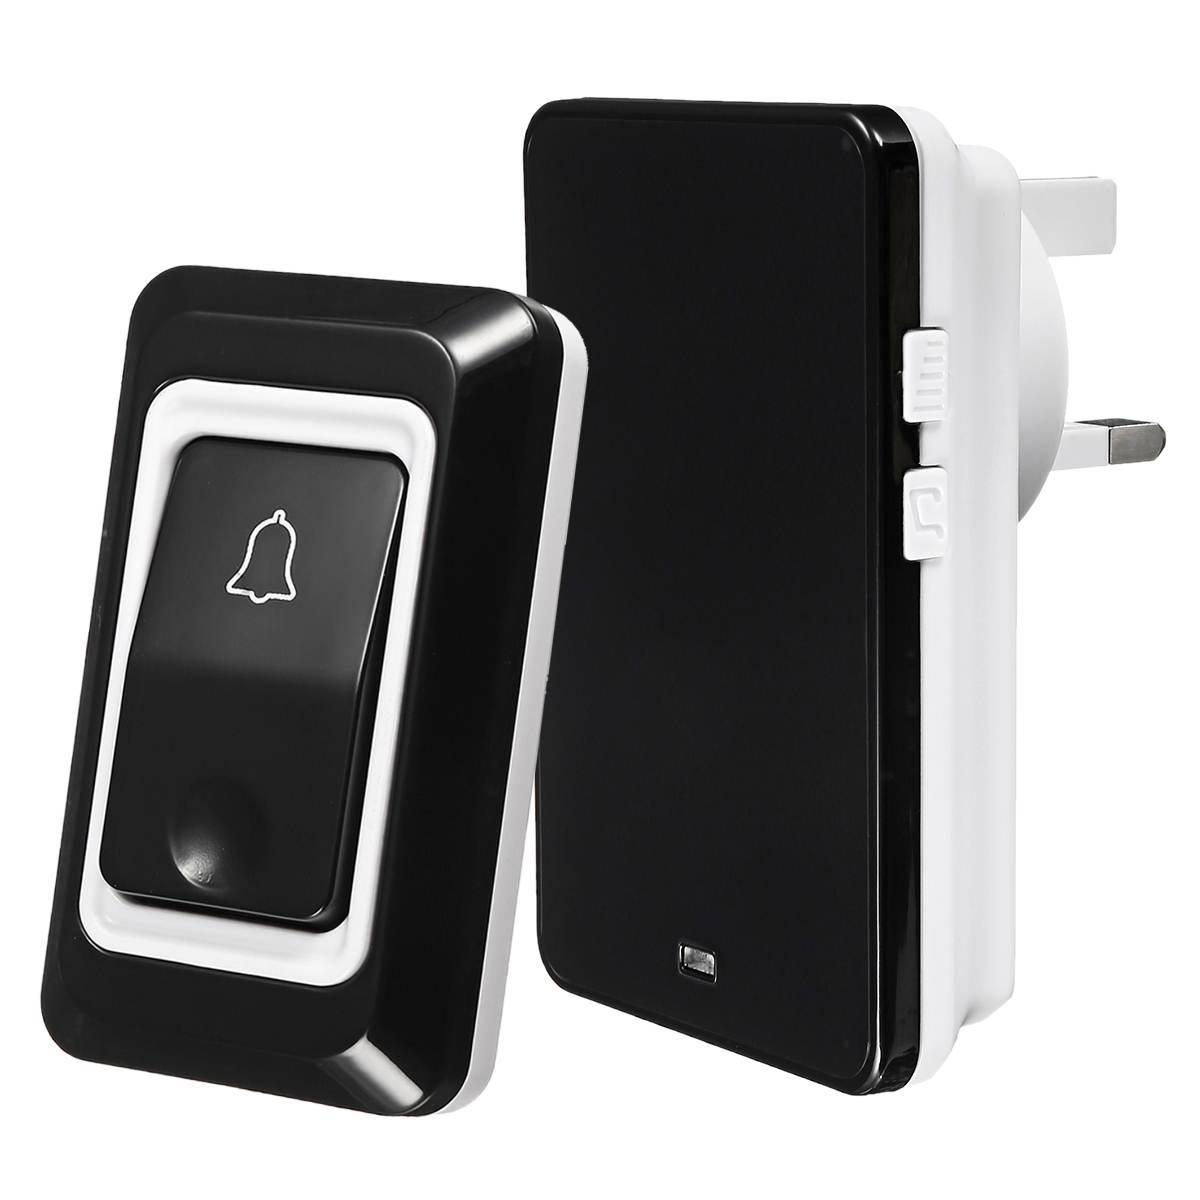 50m Remote Home Welcome Doorbell Intelligent Wireless Doorbell IP68 Waterproof EU AU UK US Plug 28 Songs Door Bell Chime